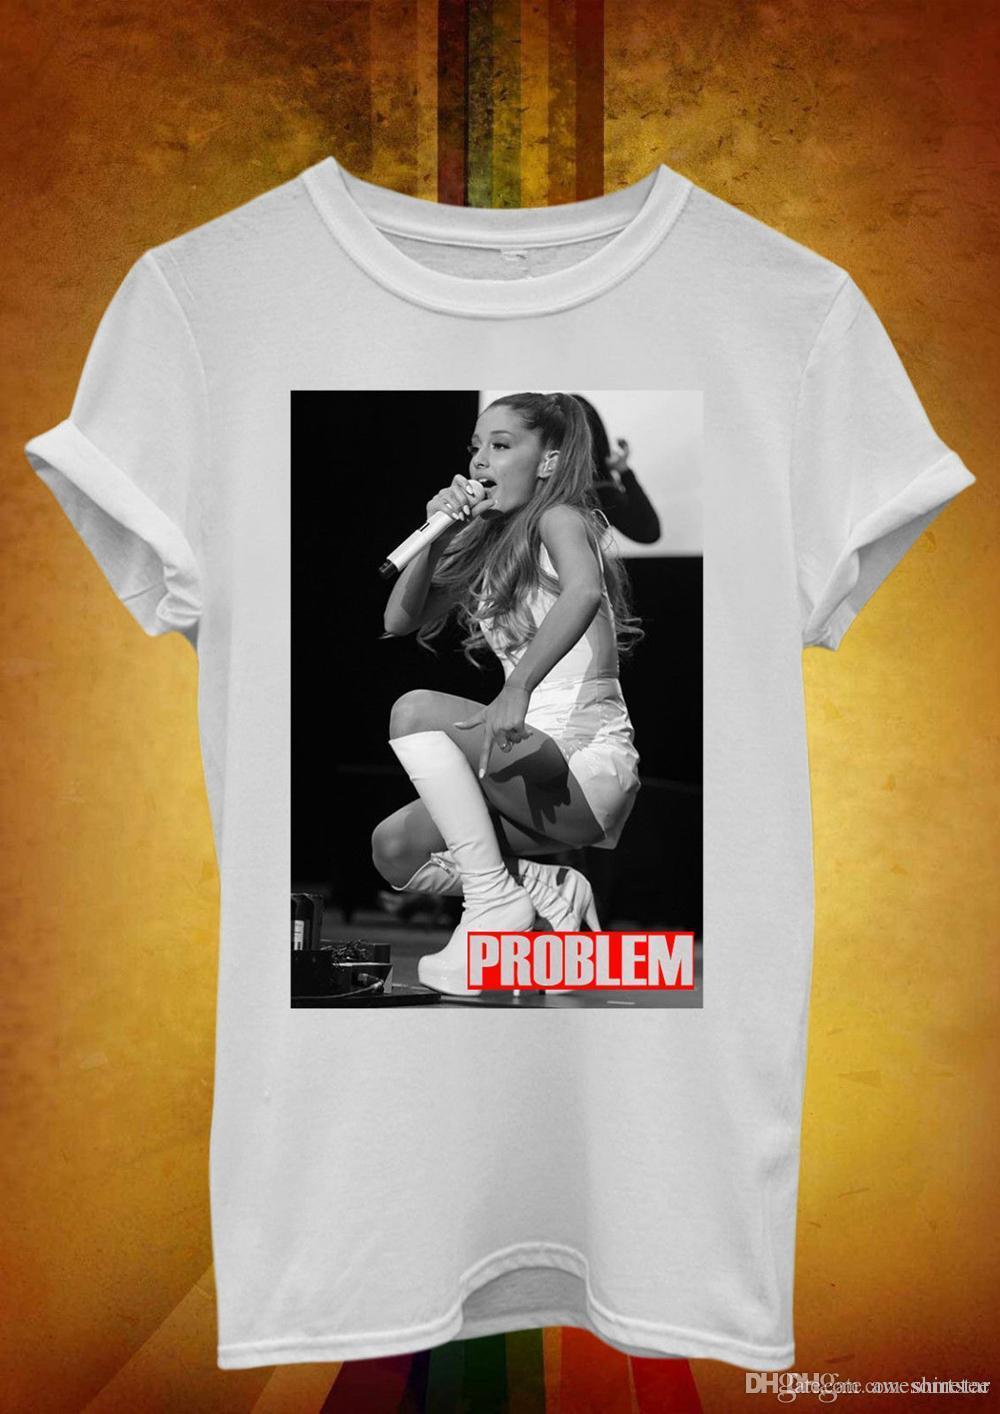 319b20ee Tops originales Novedad Ariana Grande Problema camiseta Novedad Hipster  Hombres Mujeres Camiseta de enfriamiento Camiseta impresa creativa Camiseta  de ...